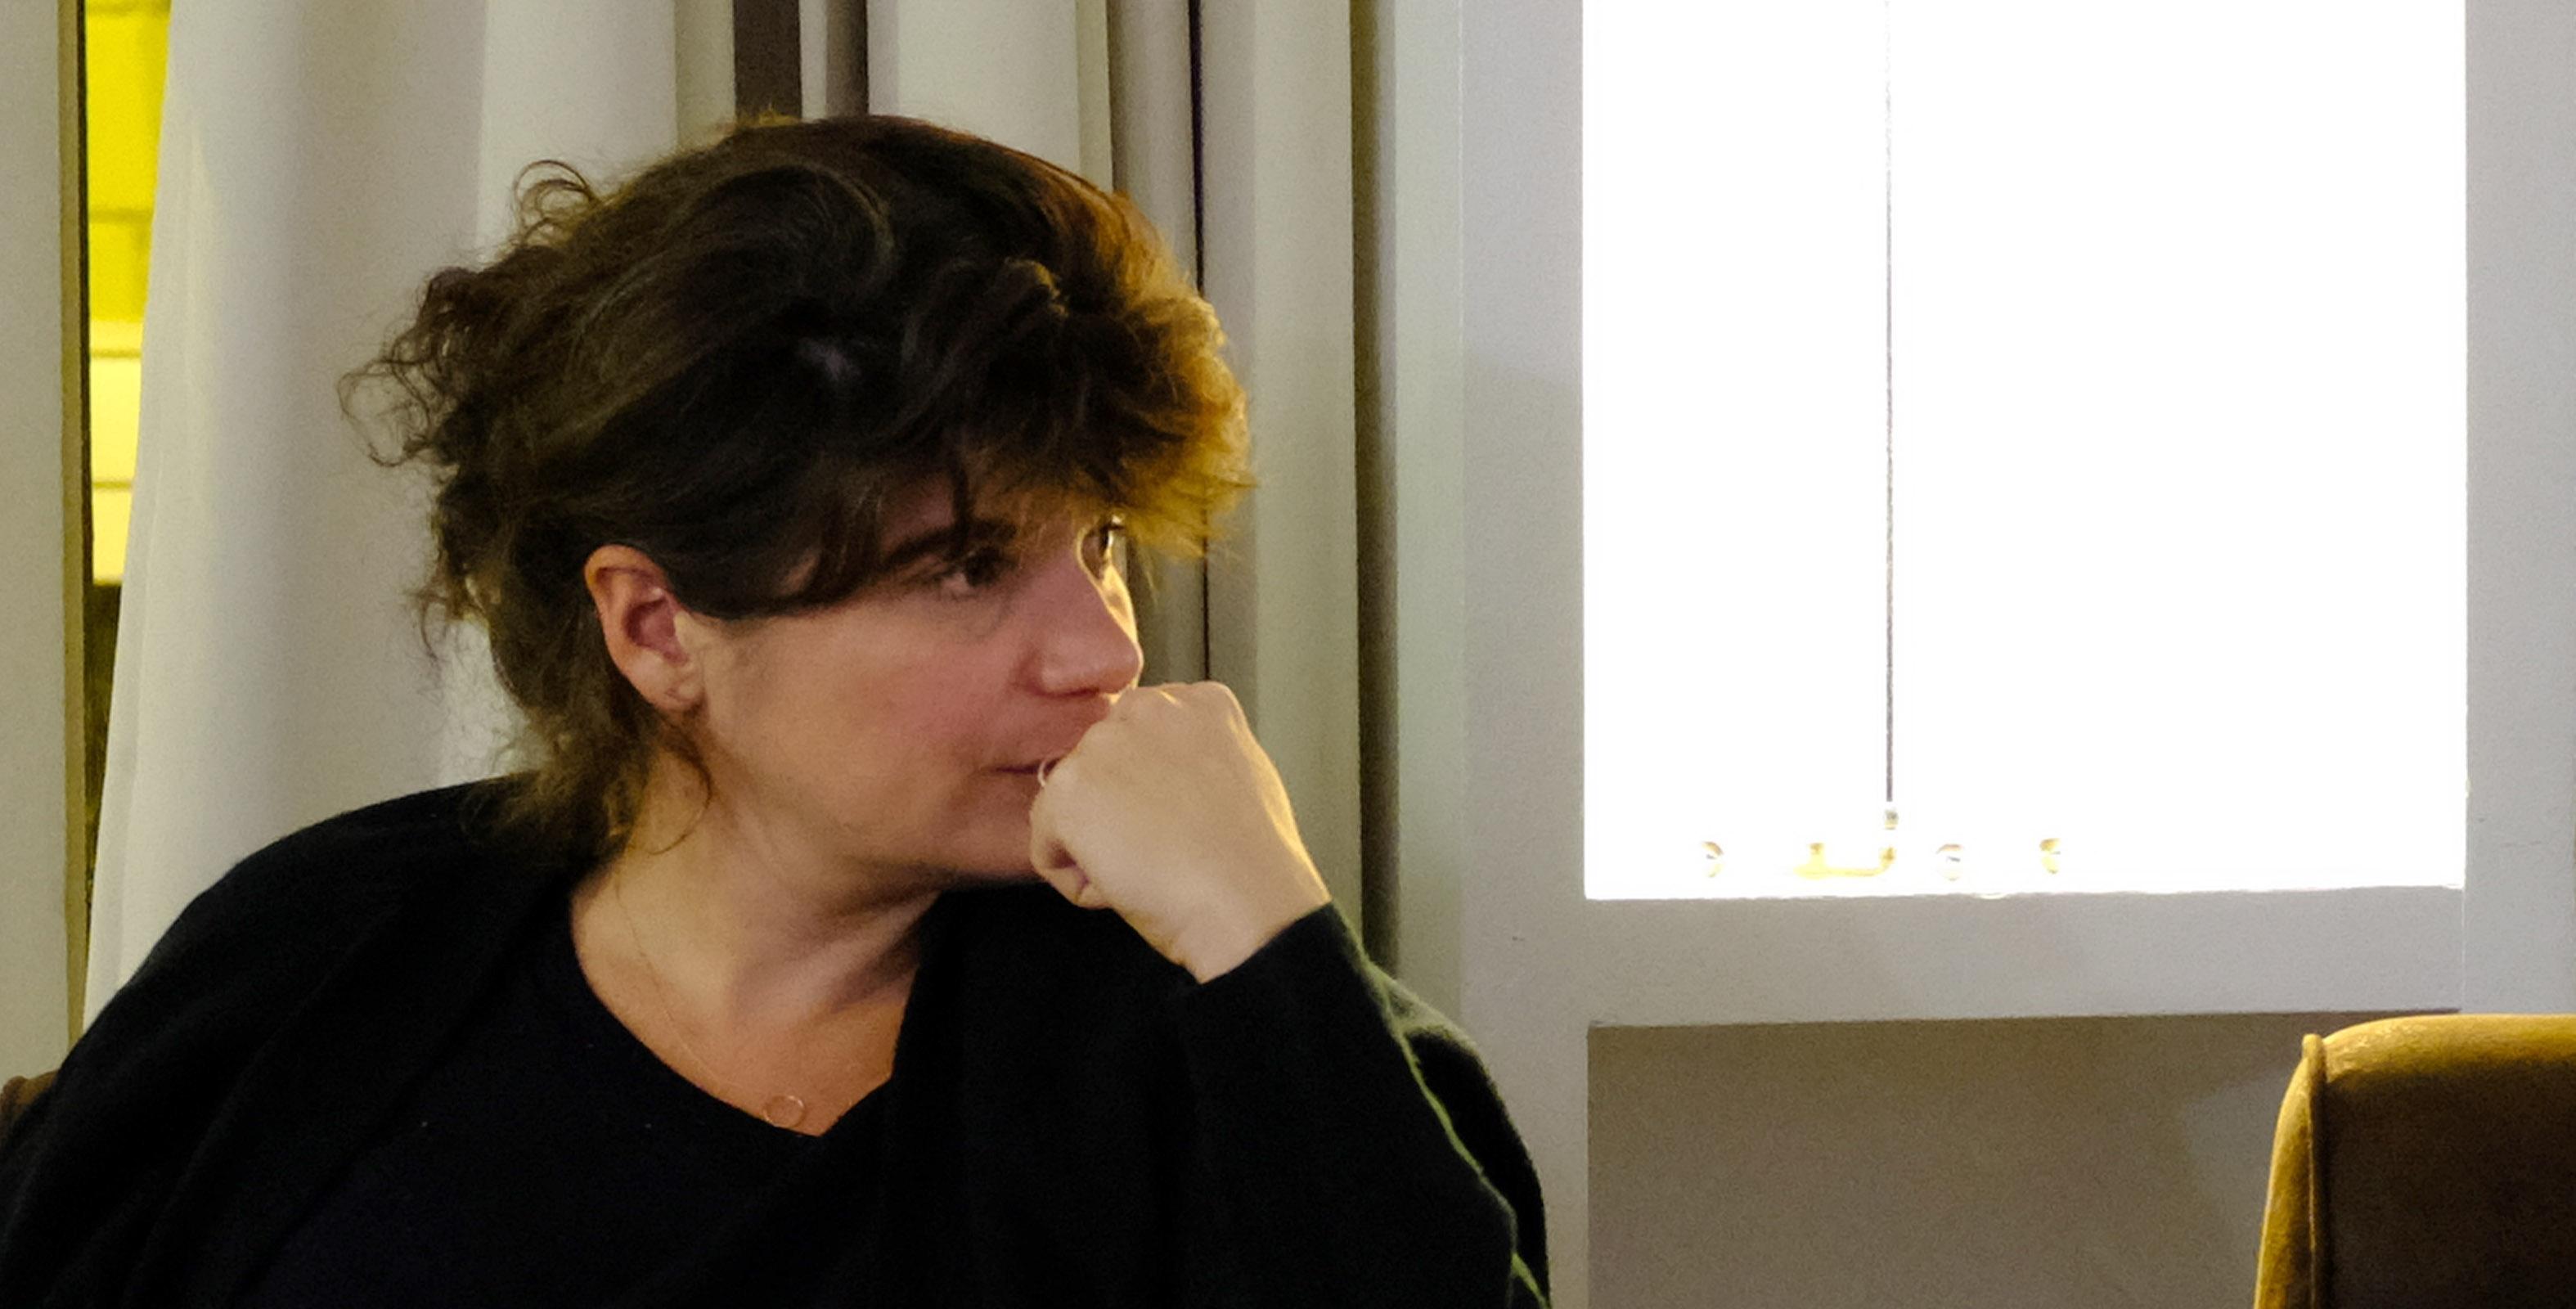 La productrice Marie-Ange Luciani à Bastia à l'occasion de la projection de C'est ça l'amour de Claire Burger